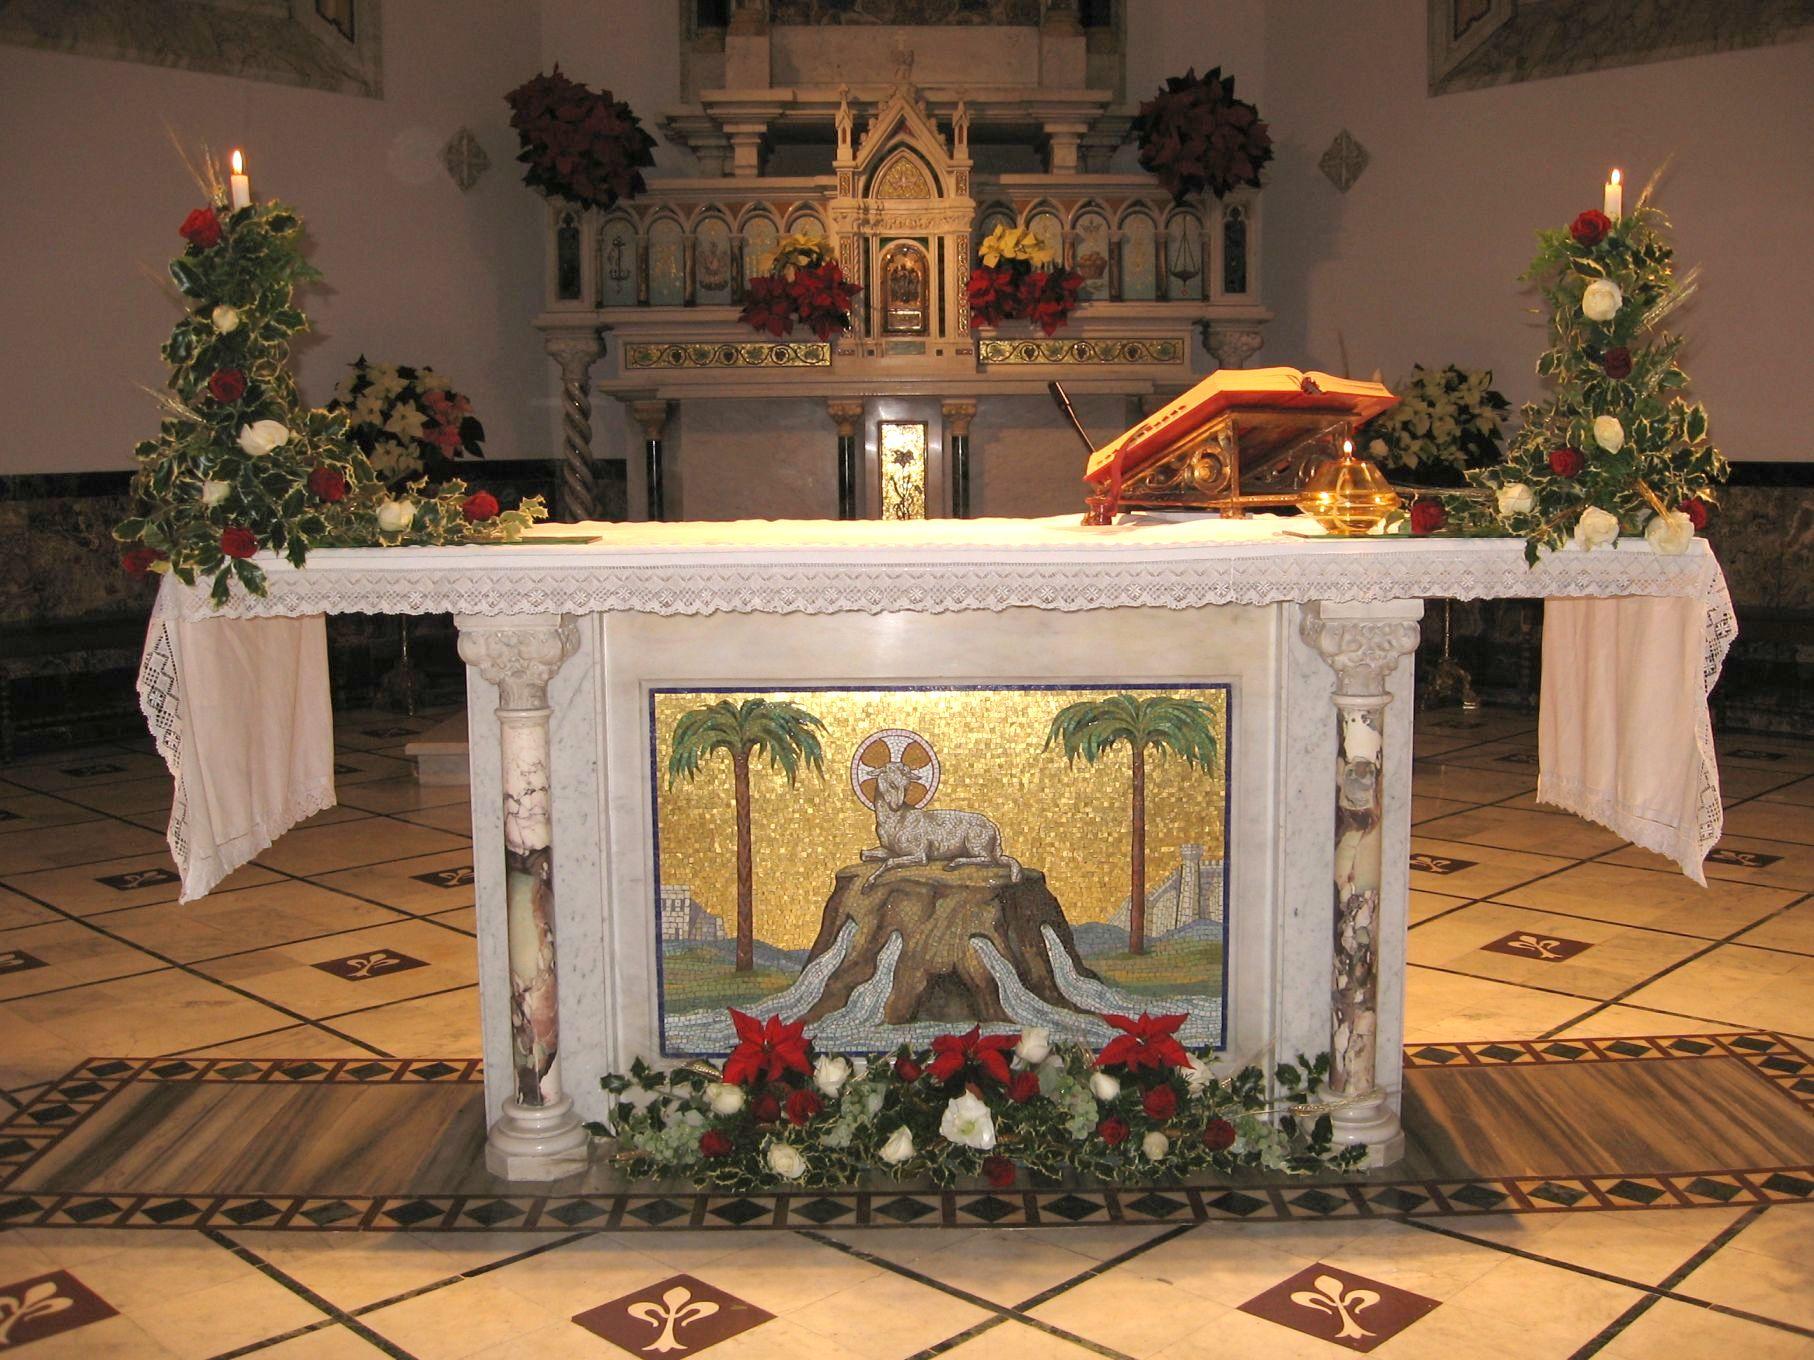 Chiesa_decorazioni-2008-12-26--10.37.19.jpg